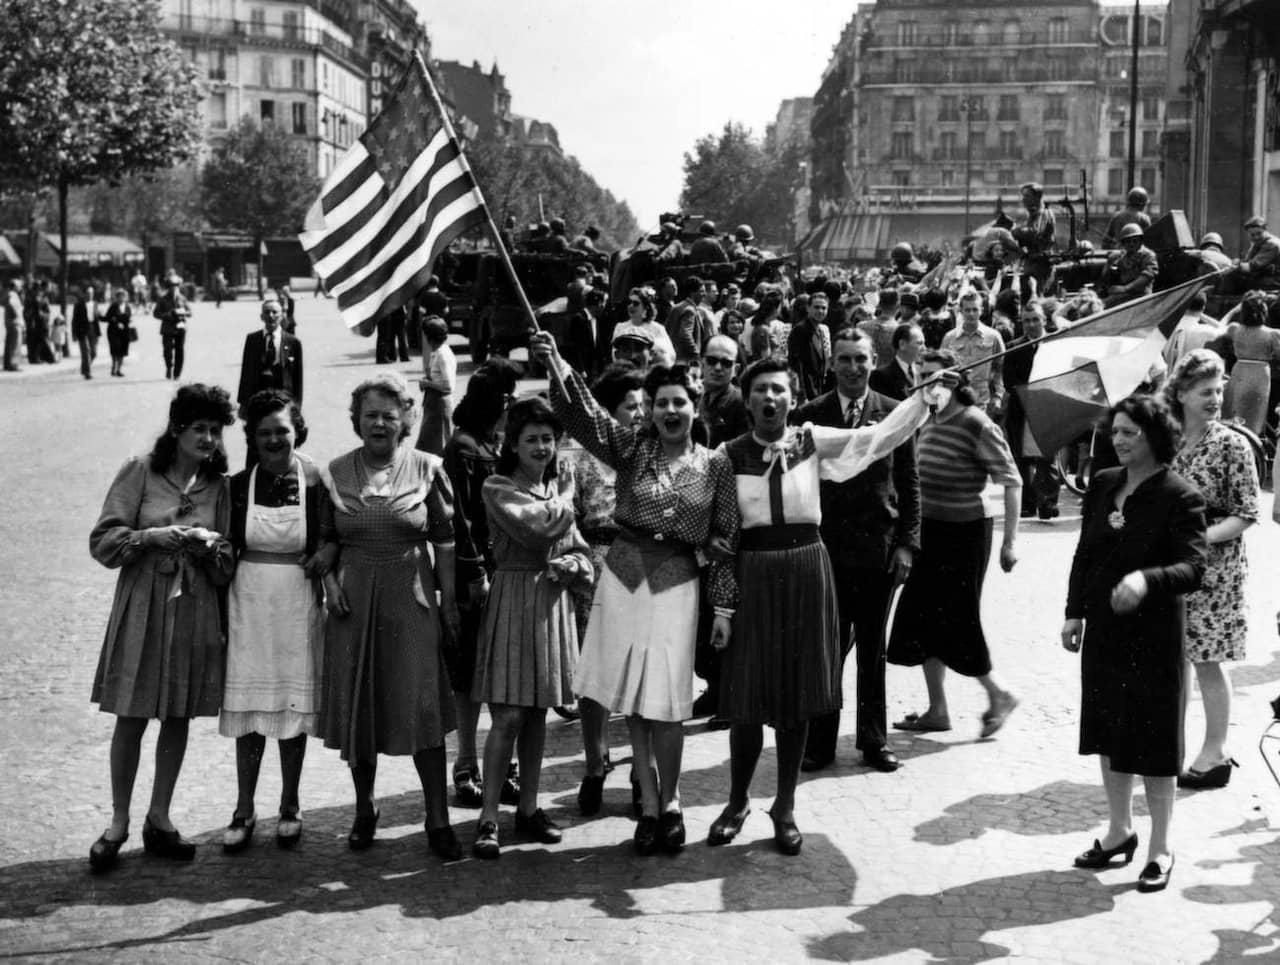 Expressen.se - Andra världskriget | Dagen D - den avgörande dagen i krigets plågsamma historia